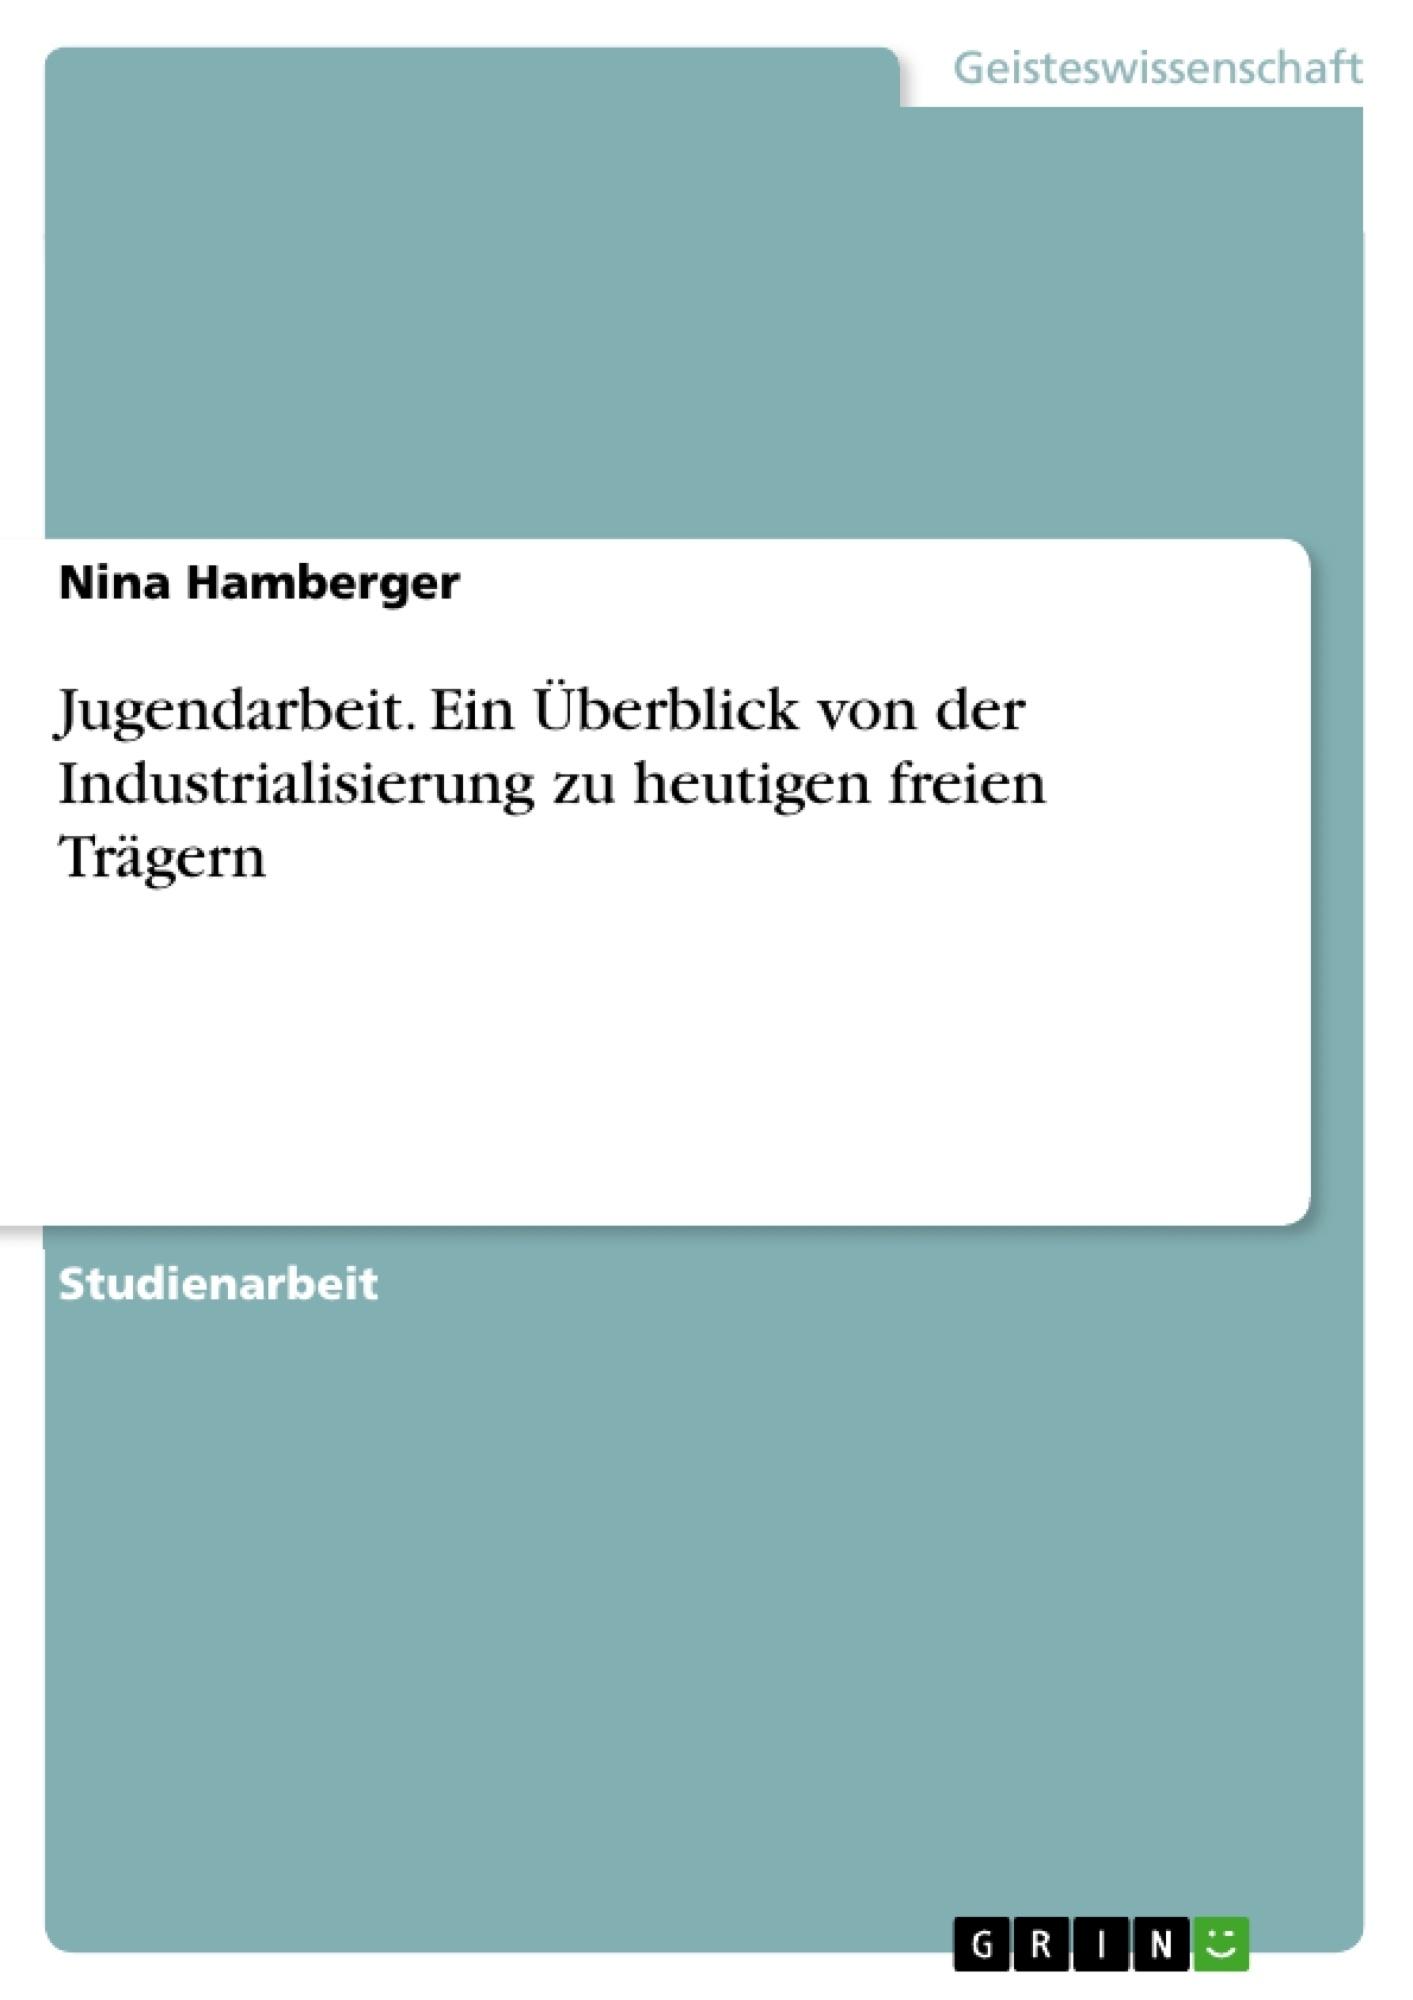 Titel: Jugendarbeit. Ein Überblick von der Industrialisierung zu heutigen freien Trägern